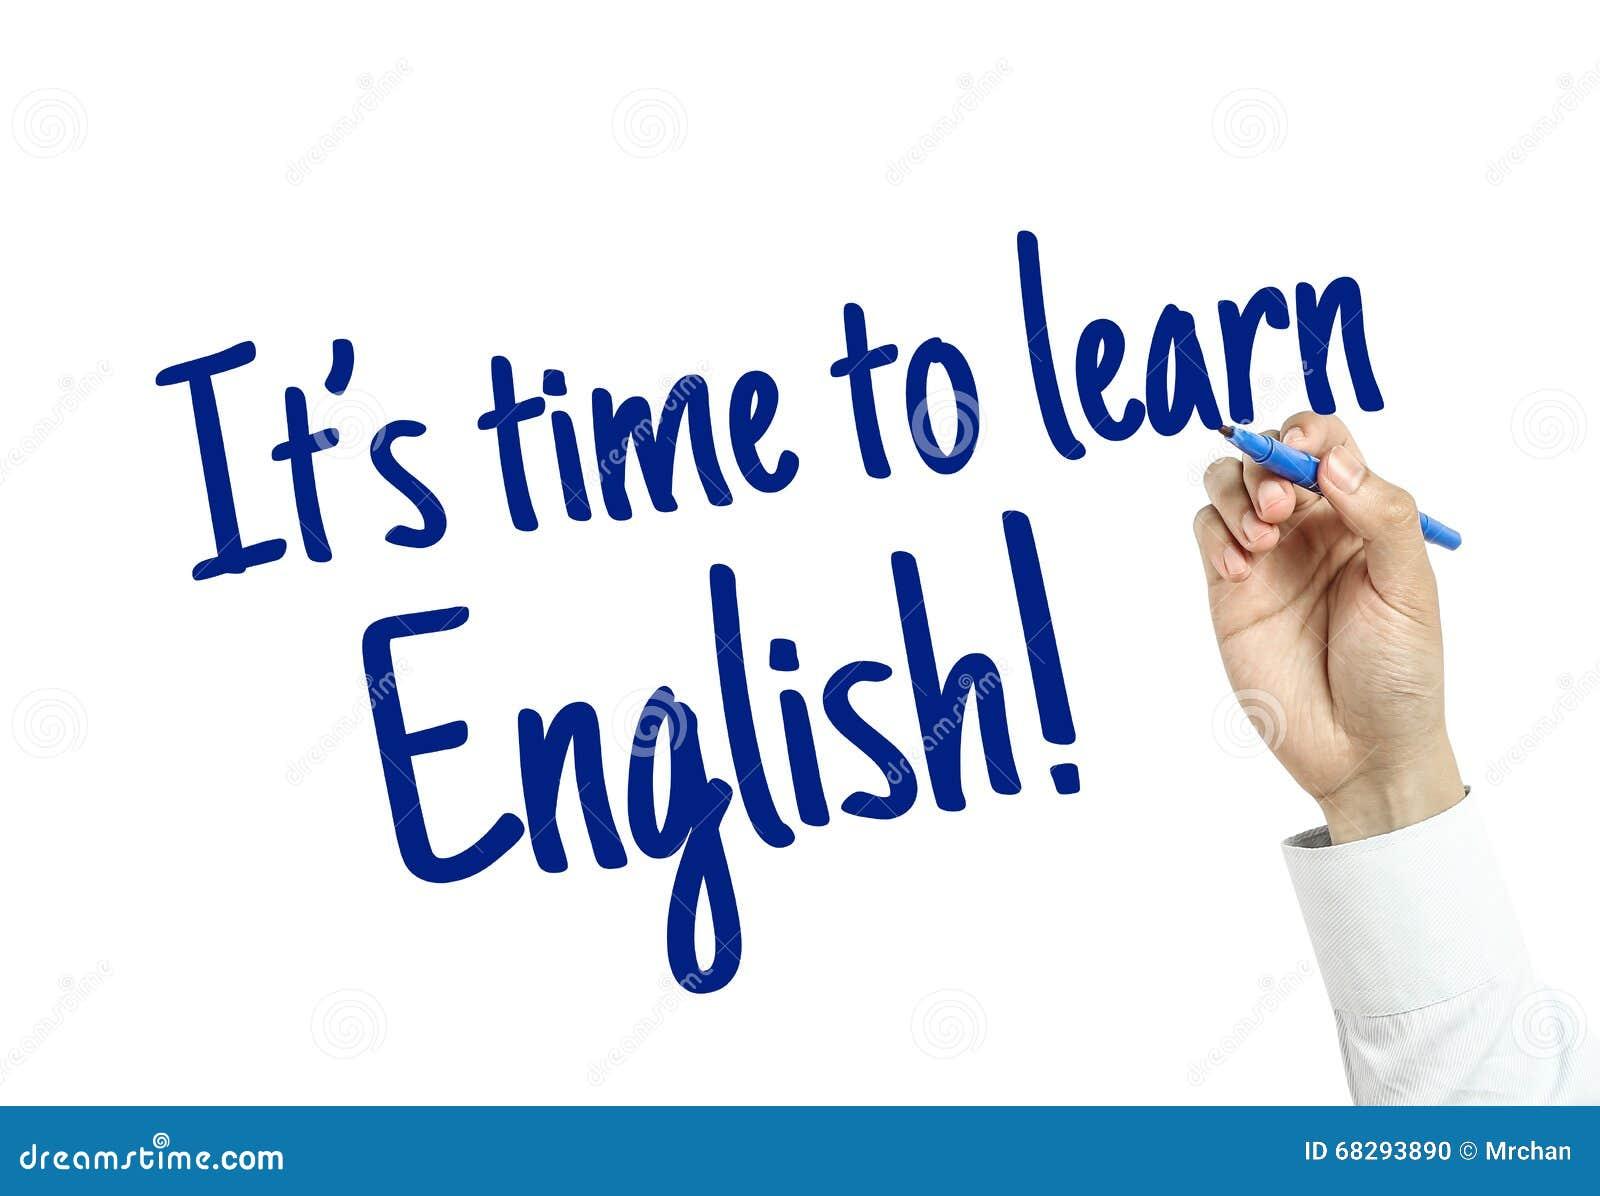 Прикольные картинки для изучения английского, открытки поздравления